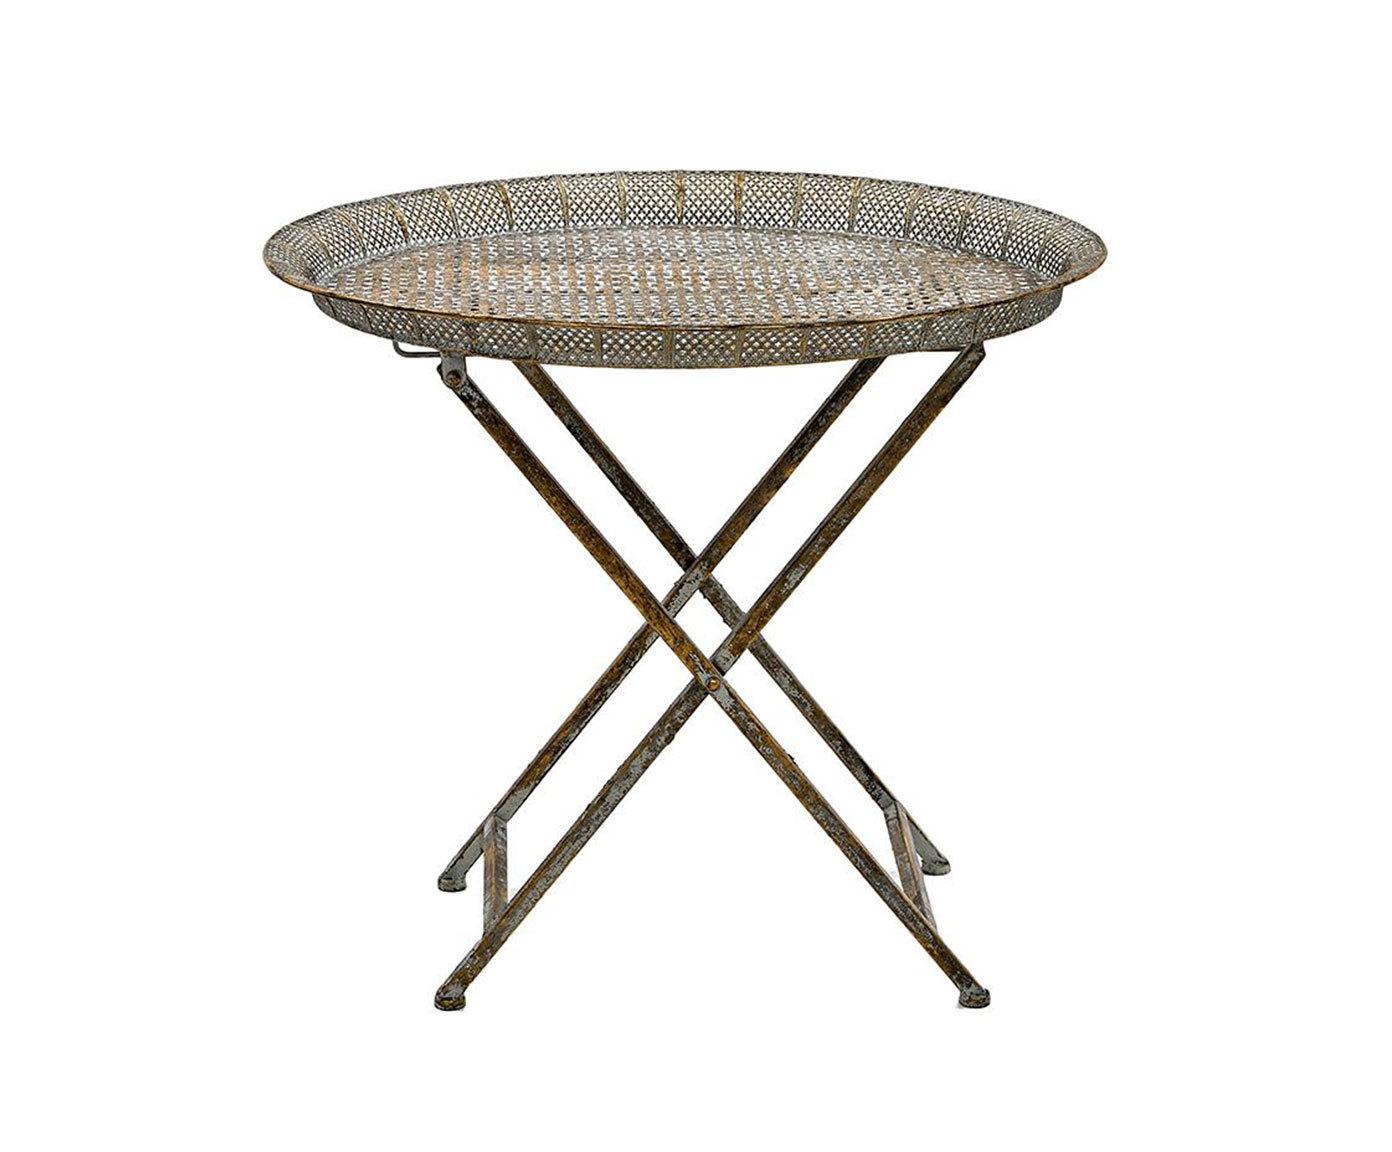 Стол-поднос MerloСервировочные столики<br><br><br>Material: Металл<br>Ширина см: 56.0<br>Высота см: 50.0<br>Глубина см: 43.0